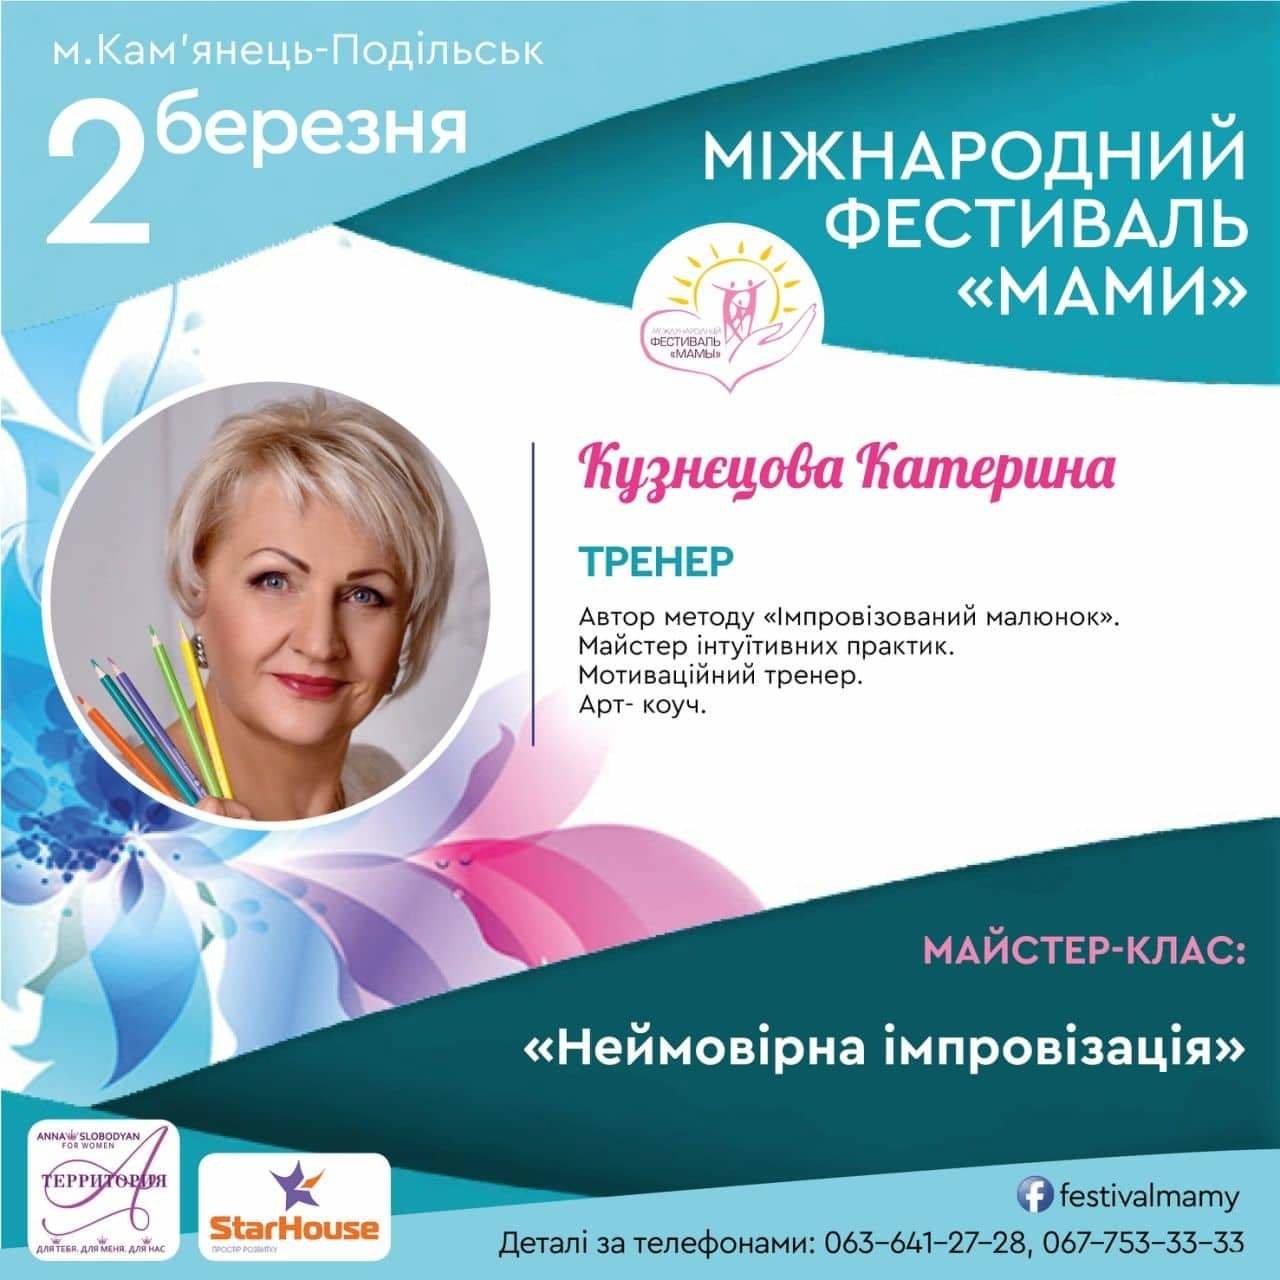 """Міжнародний фестиваль """"Мами"""" у Кам'янці-Подільському анонсує спікерів, фото-9"""